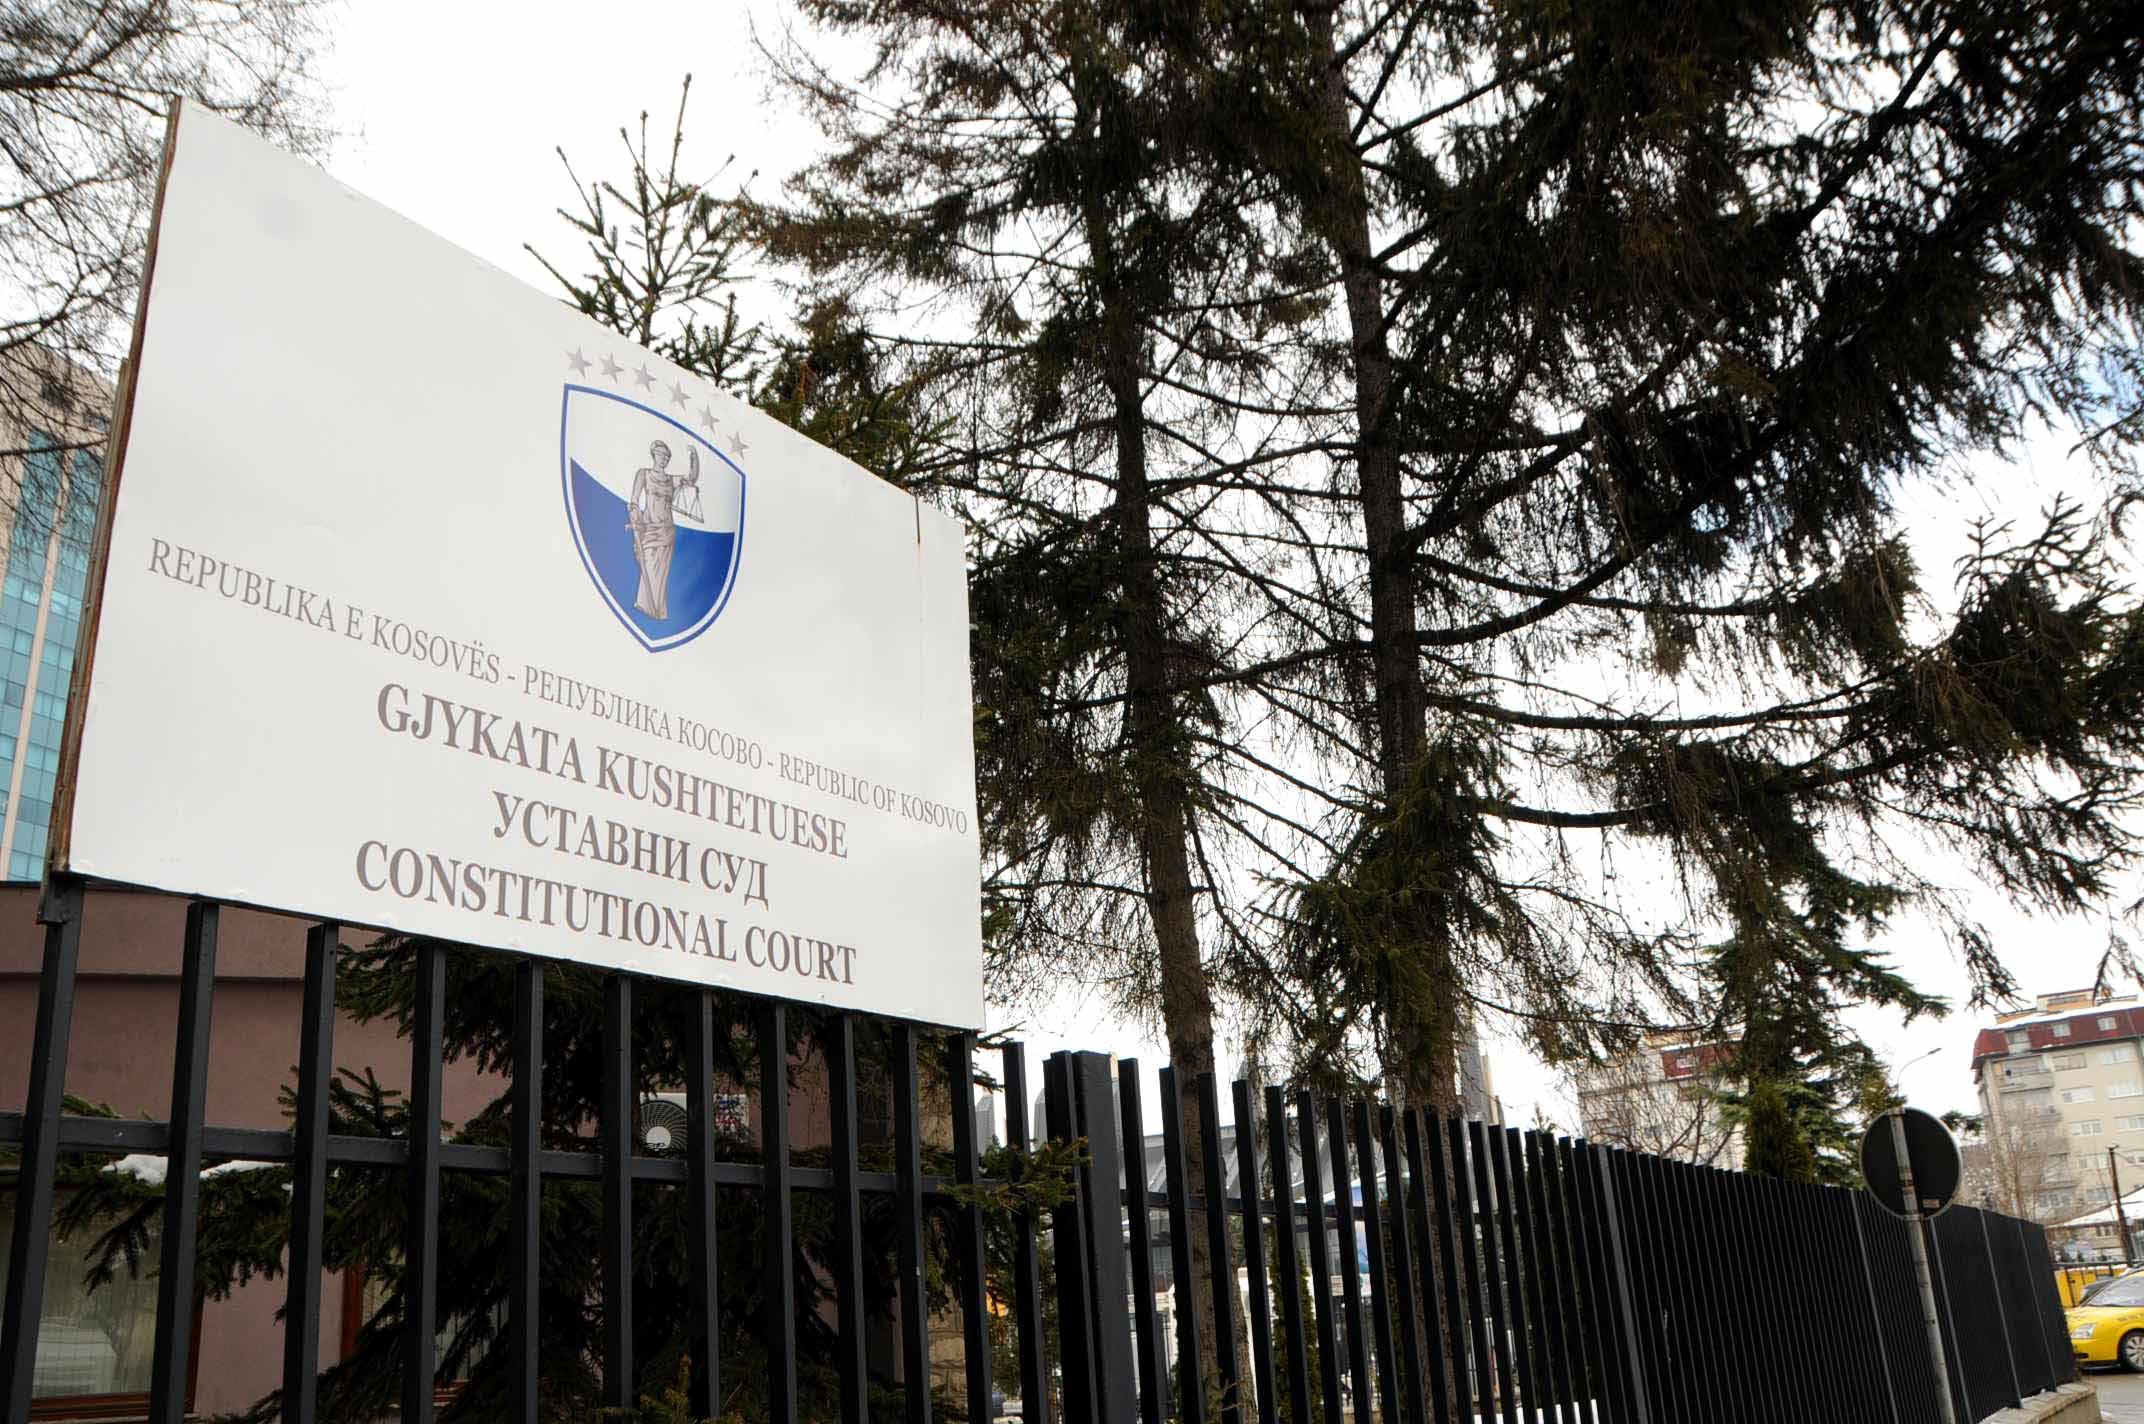 Vota e Haxhi Shalës, Vetëvendosje e çon presidentin në kushtetuese